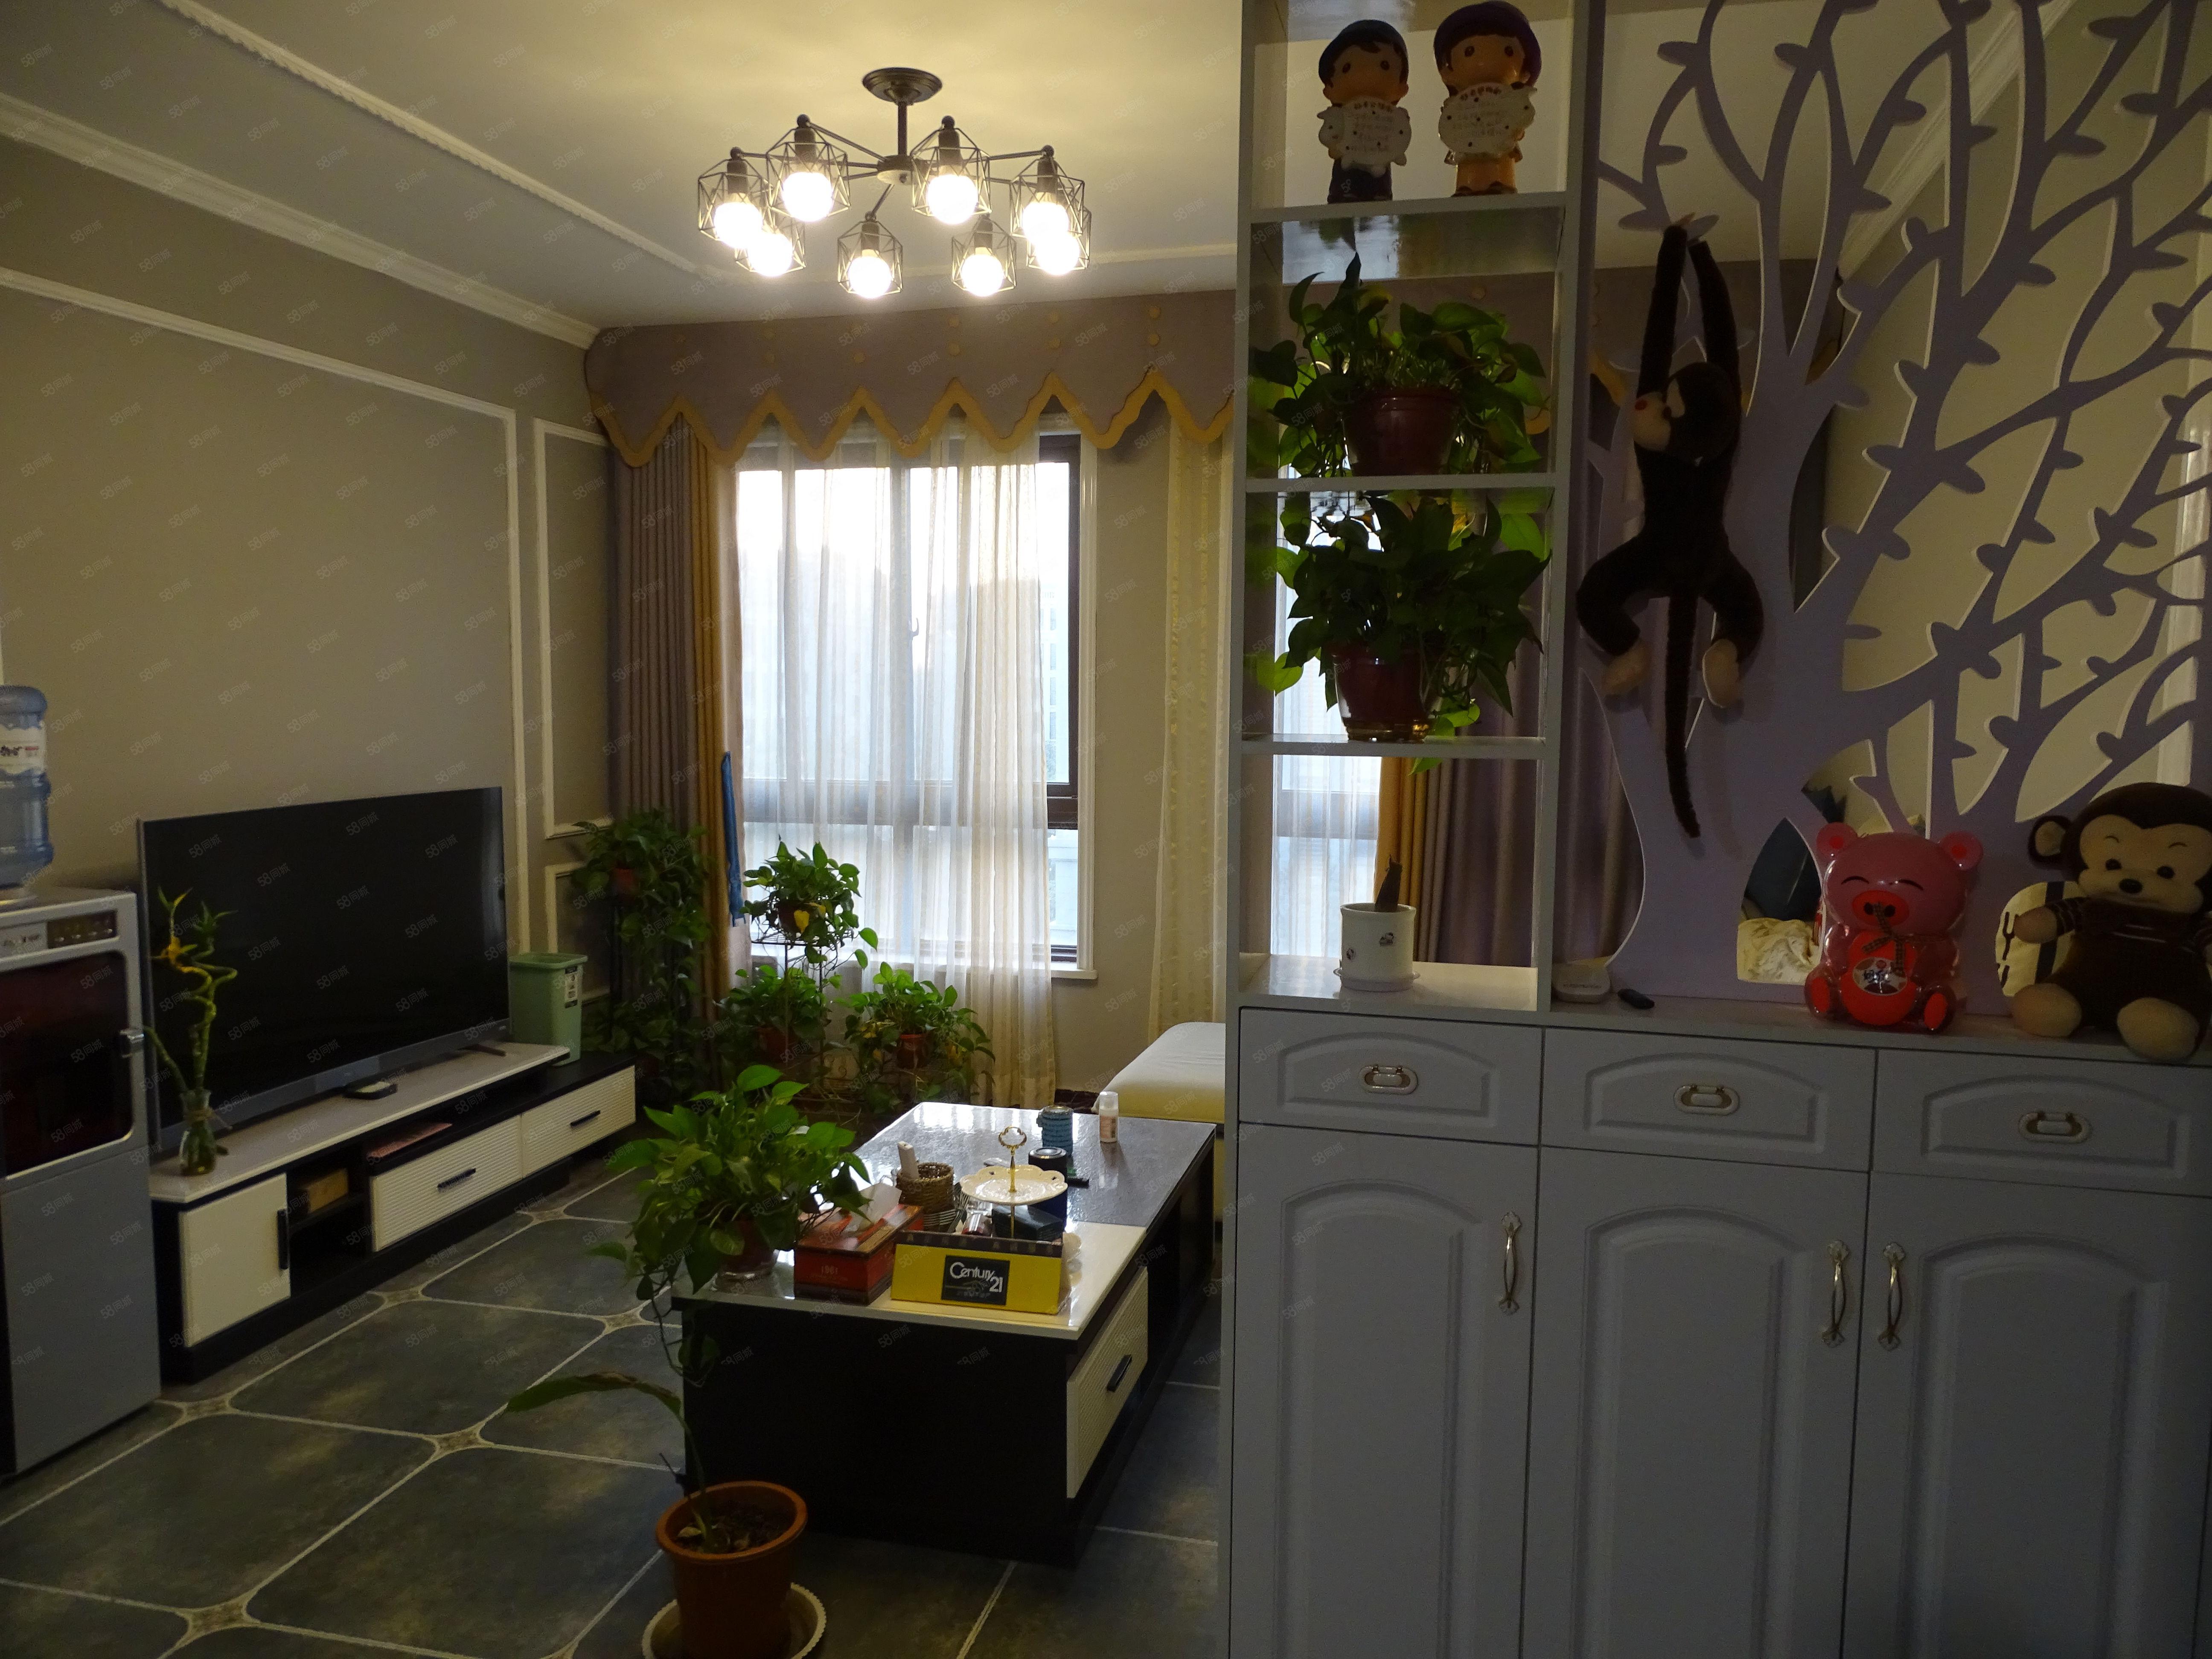 富田兴和苑豪华装修大两室家具家电全送交通便利